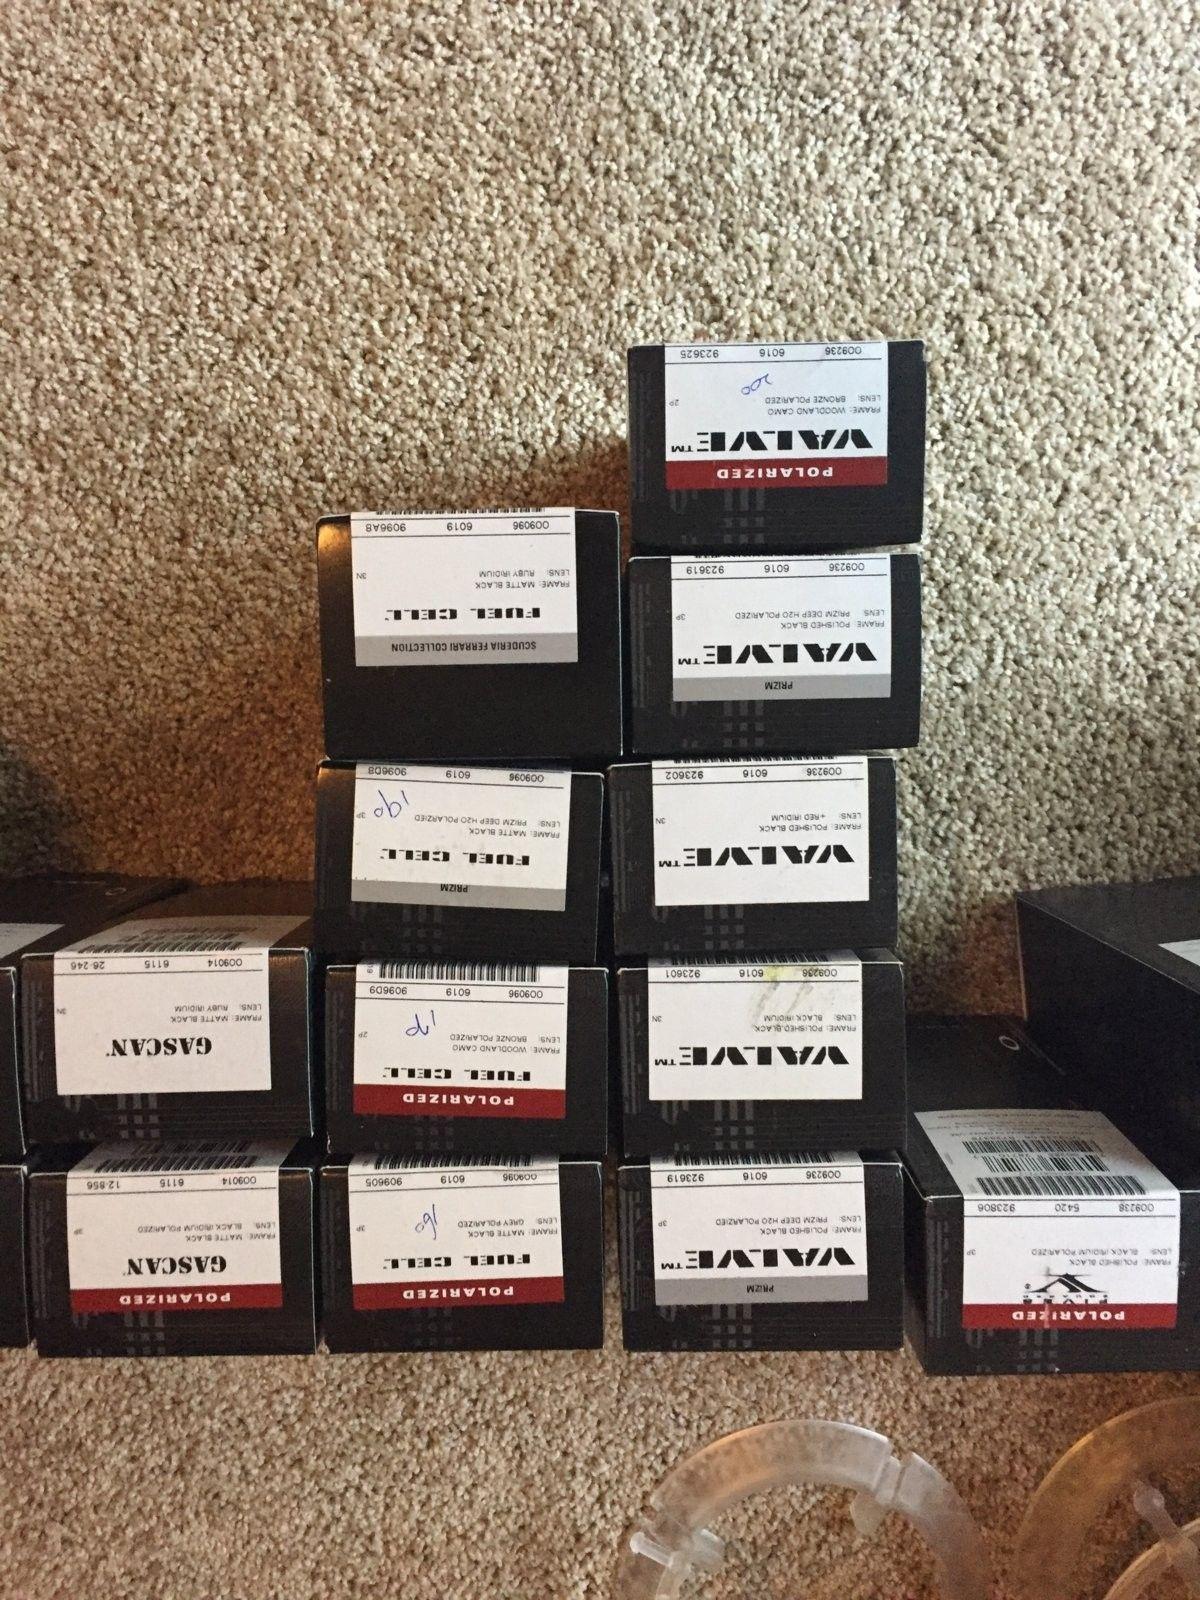 Large lot of Oakleys for sale LIST UPDATED HUGE PRICE DROP!!!! 6/22/16 - image7.JPG